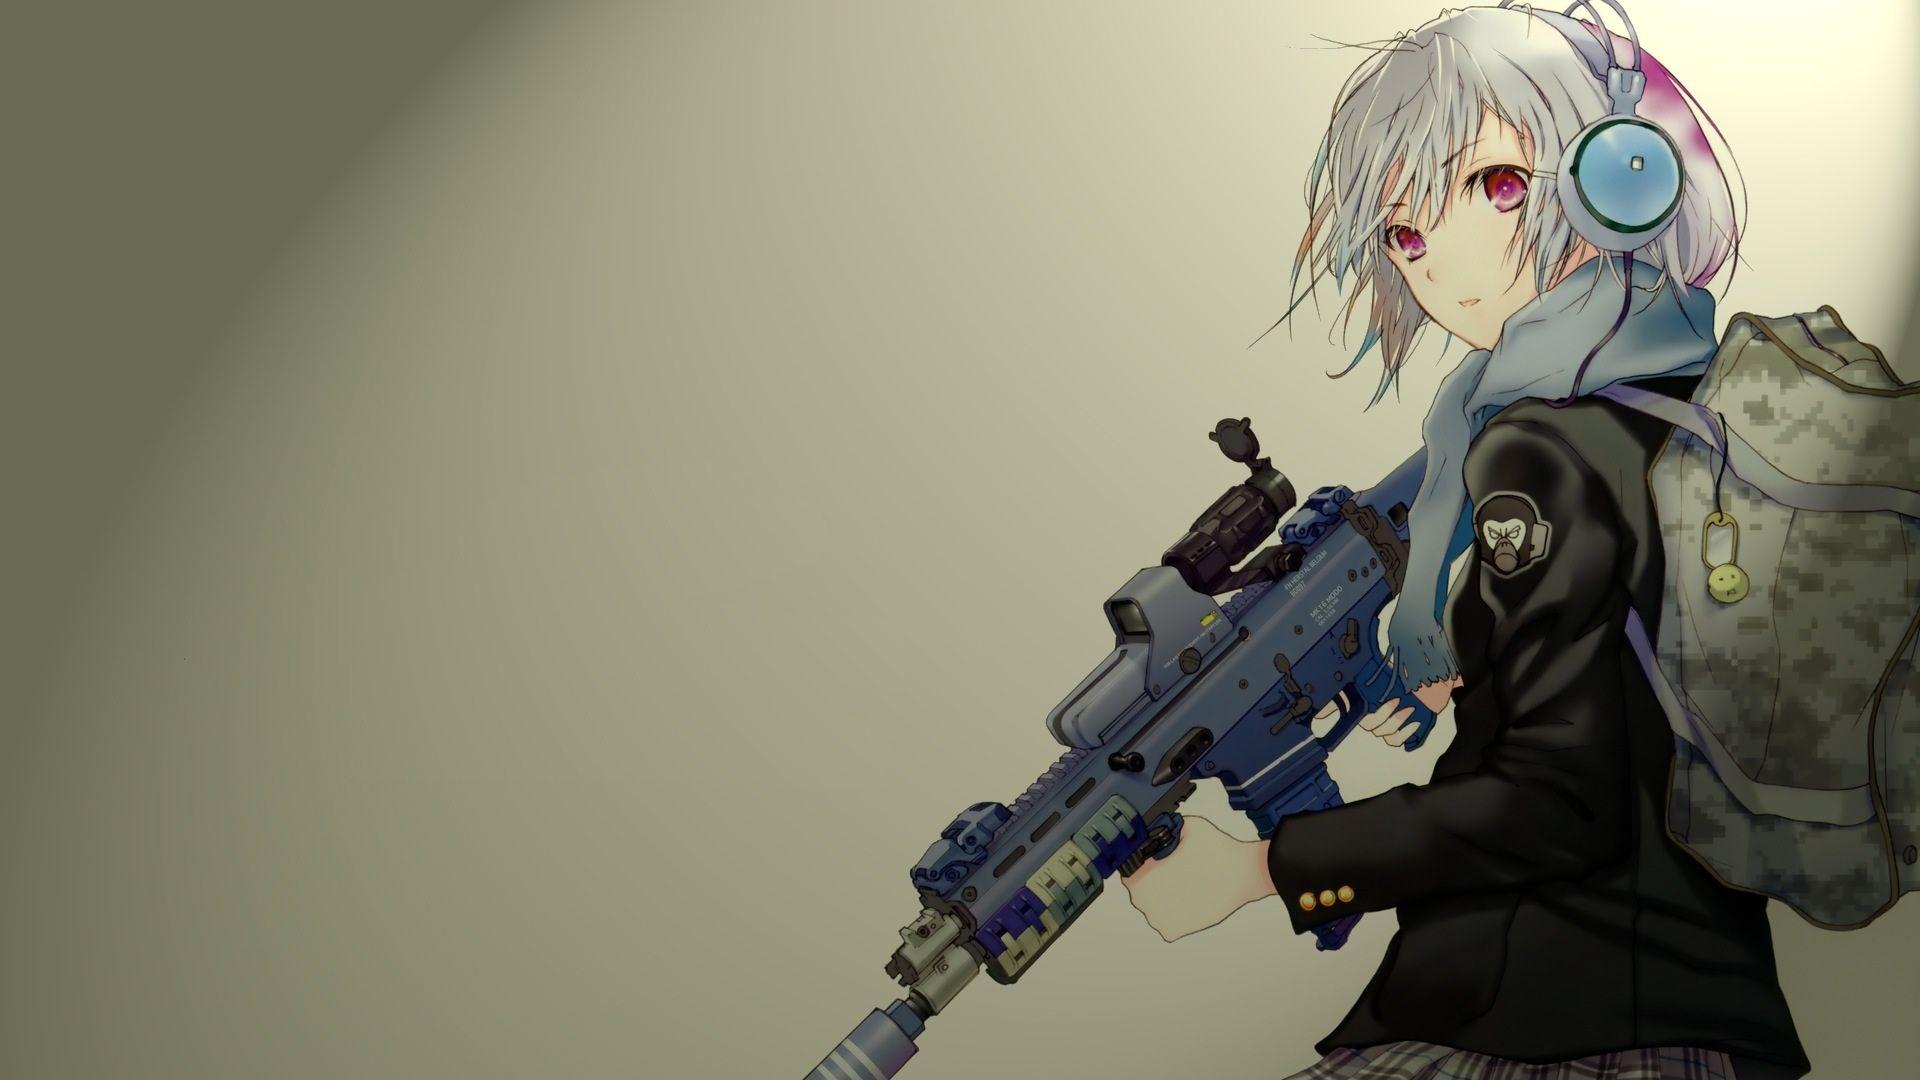 Anime Girl With Gun HD Wallpaper - backiee - Free Ultra HD ...